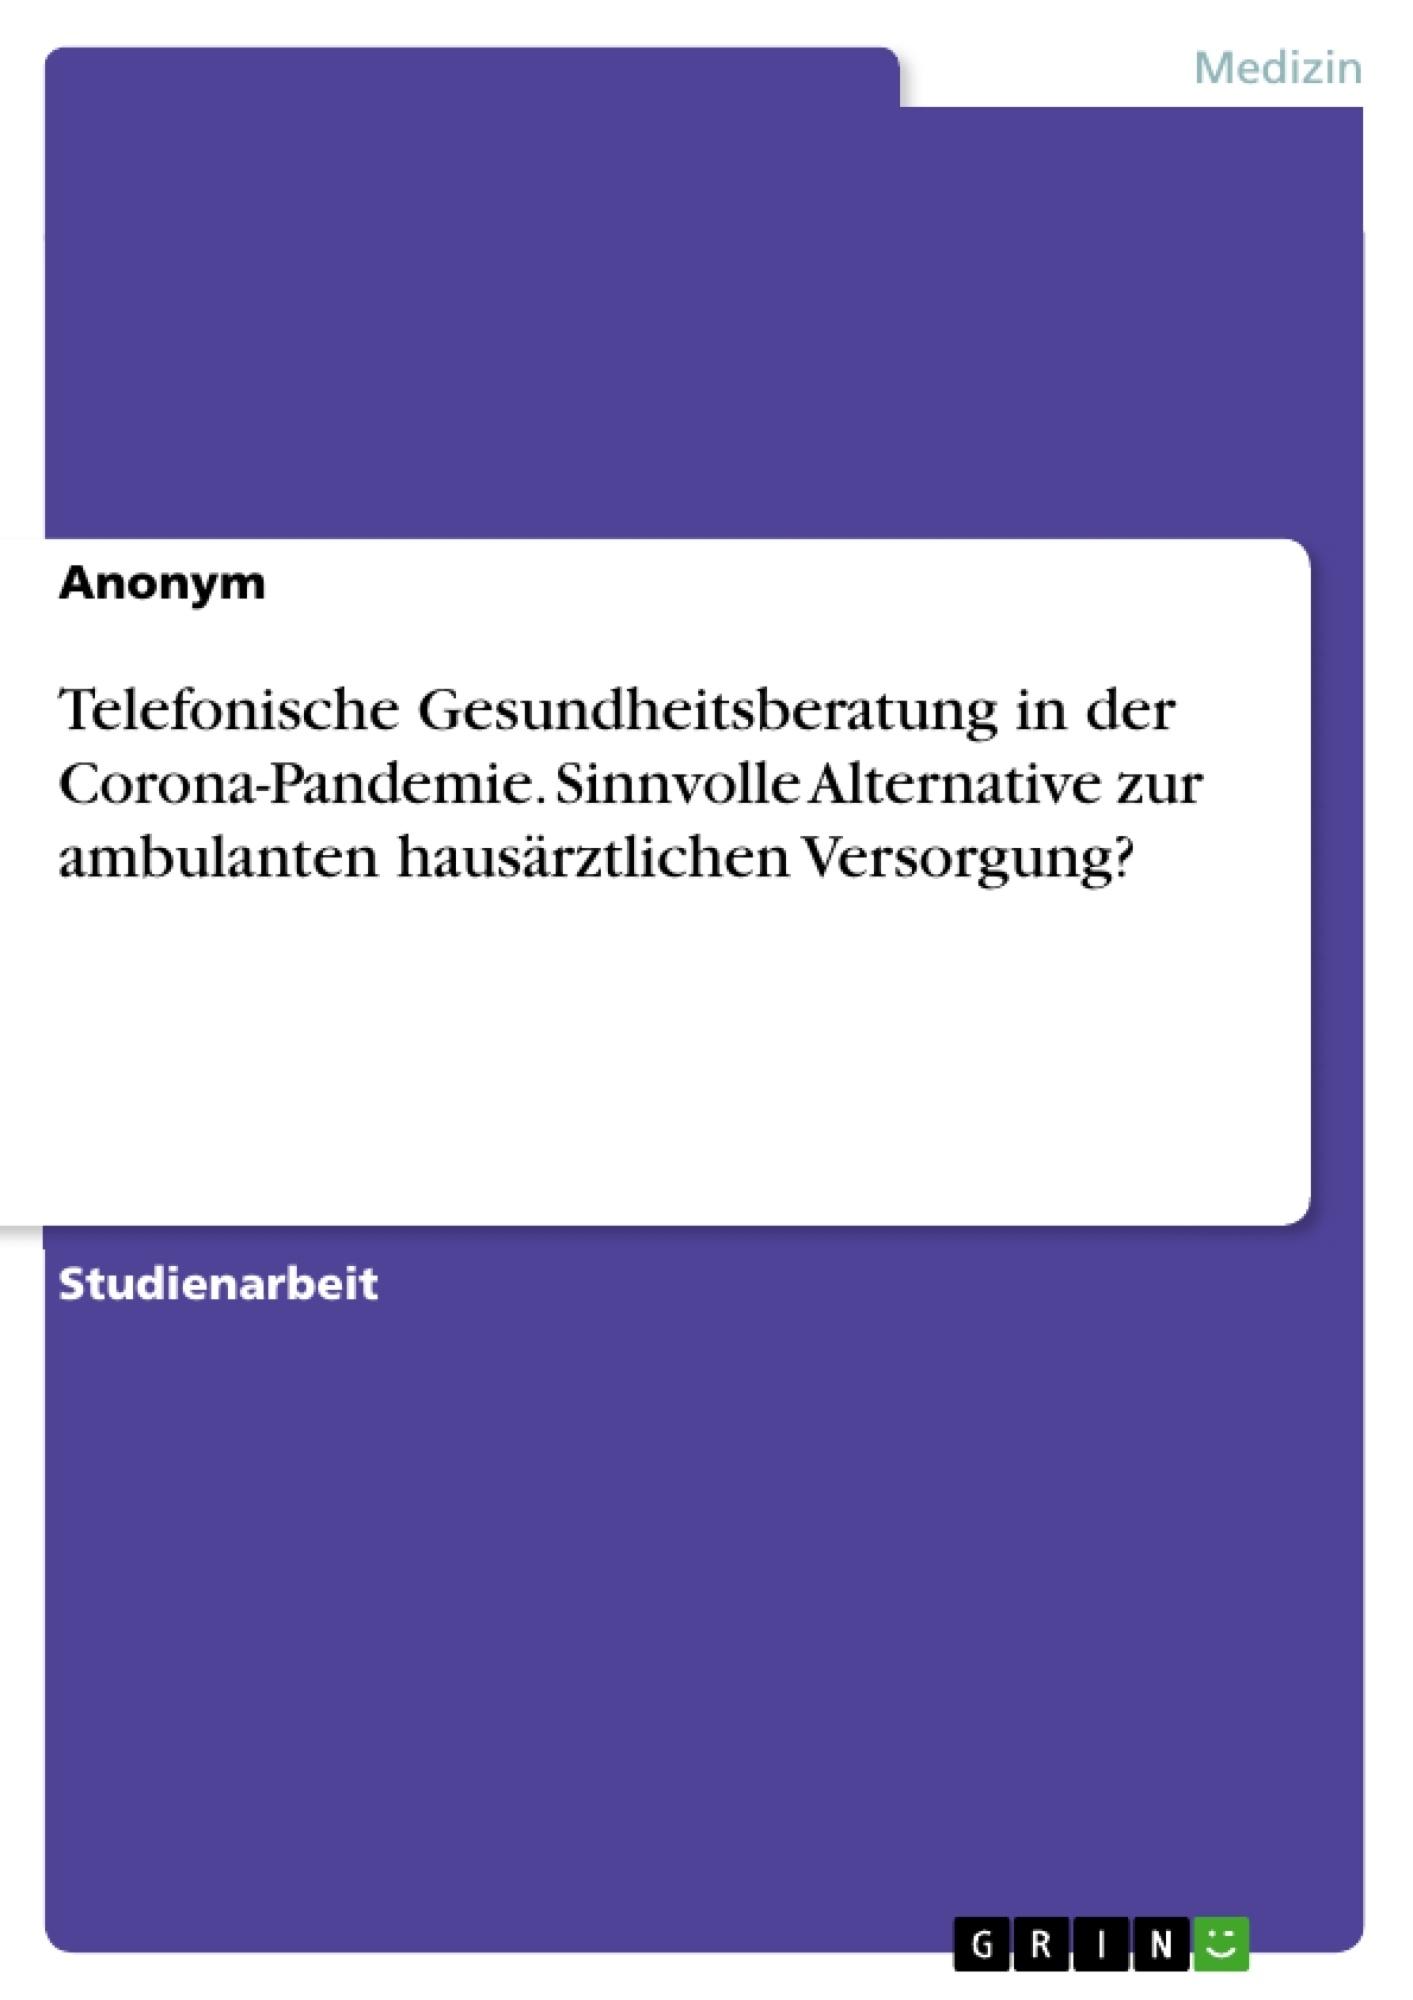 Titel: Telefonische Gesundheitsberatung in der Corona-Pandemie. Sinnvolle Alternative zur ambulanten hausärztlichen Versorgung?